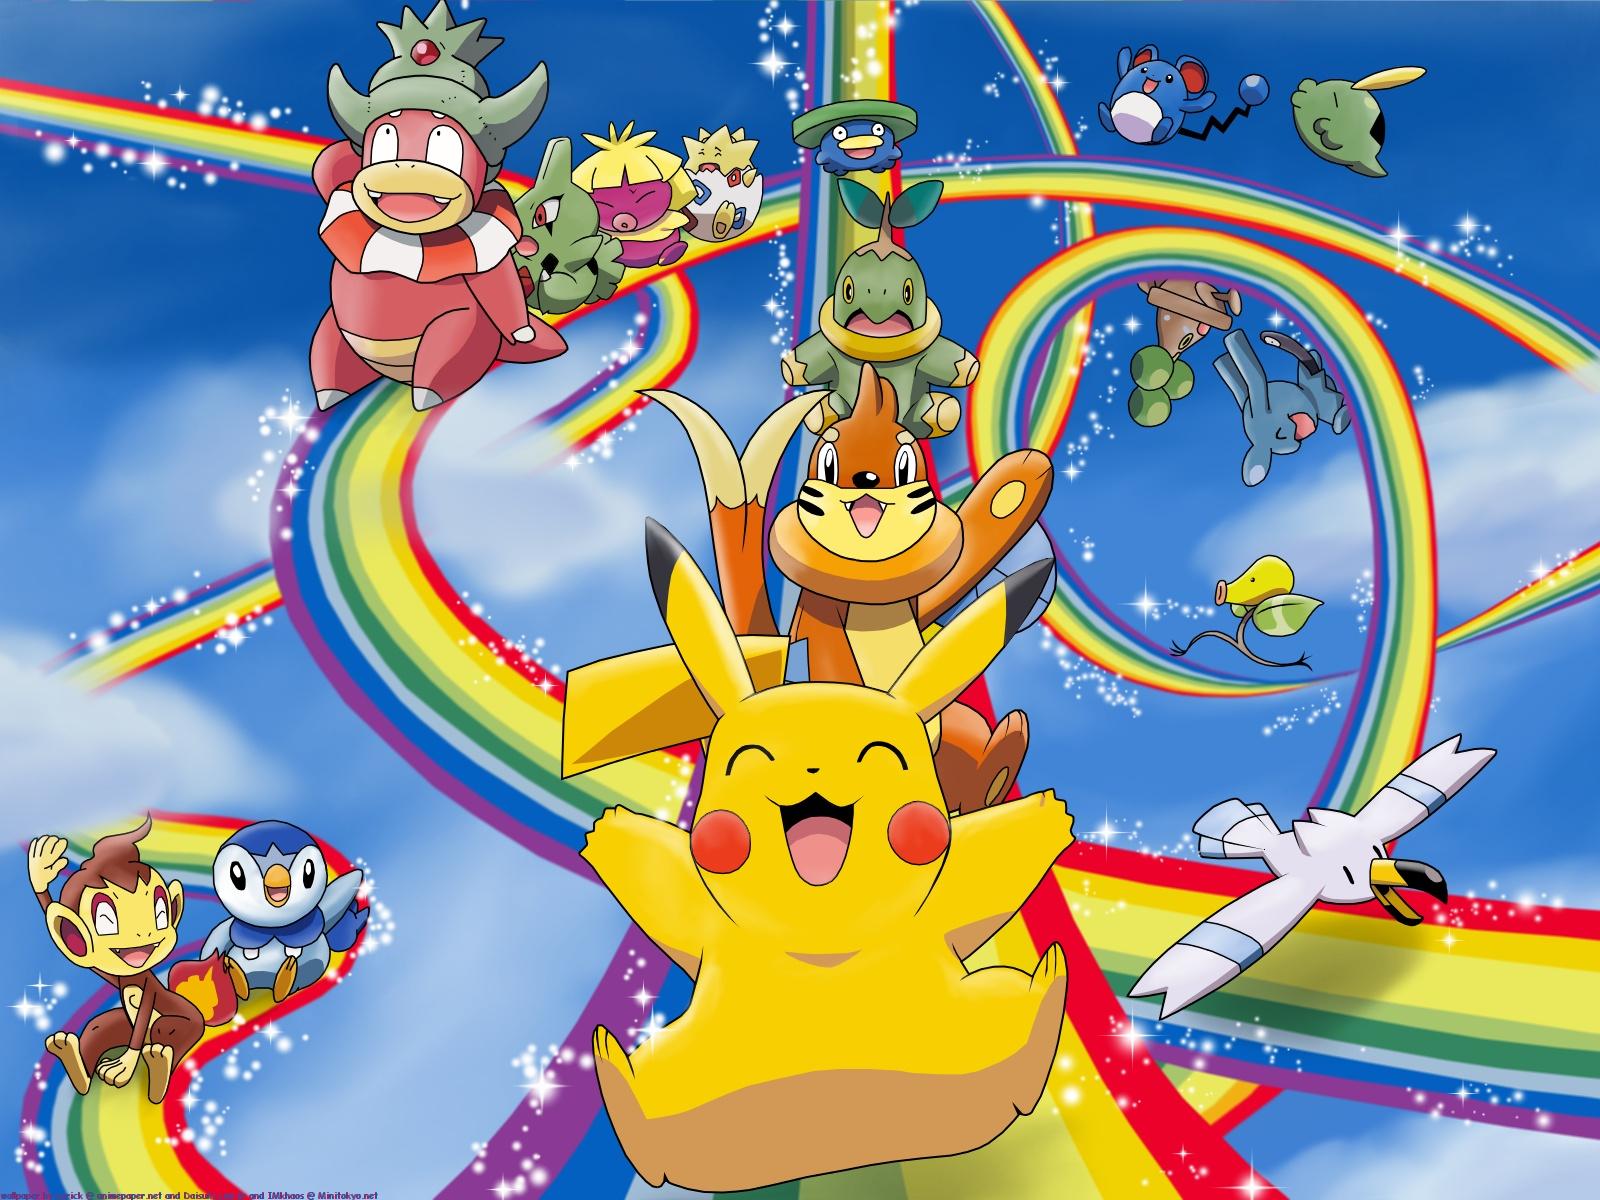 http://4.bp.blogspot.com/-vlIRZLdYpv8/Ts_L5Mn_LqI/AAAAAAAADQk/j6mkfO6xhyA/s1600/Pokemon-Wallpapers+Cute.jpg